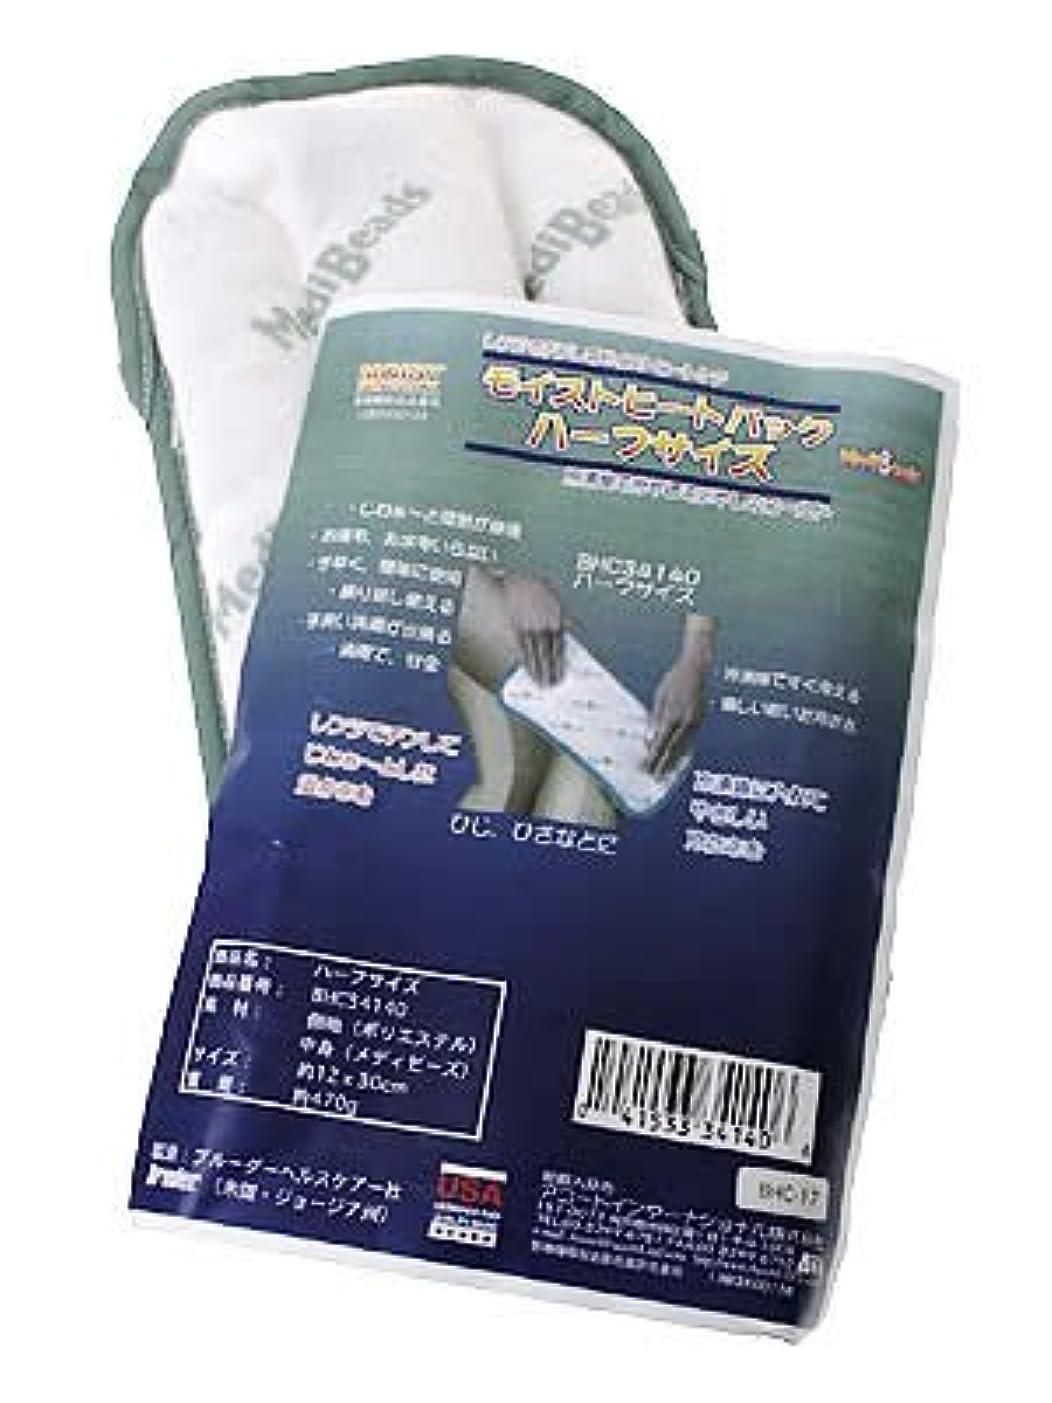 粘性の船外興奮【一般医療機器】アコードインターナショナル (BHC34140) モイストヒートパック メディビーズ (ハーフサイズ) 12×30cm 温湿熱パック 温熱療法